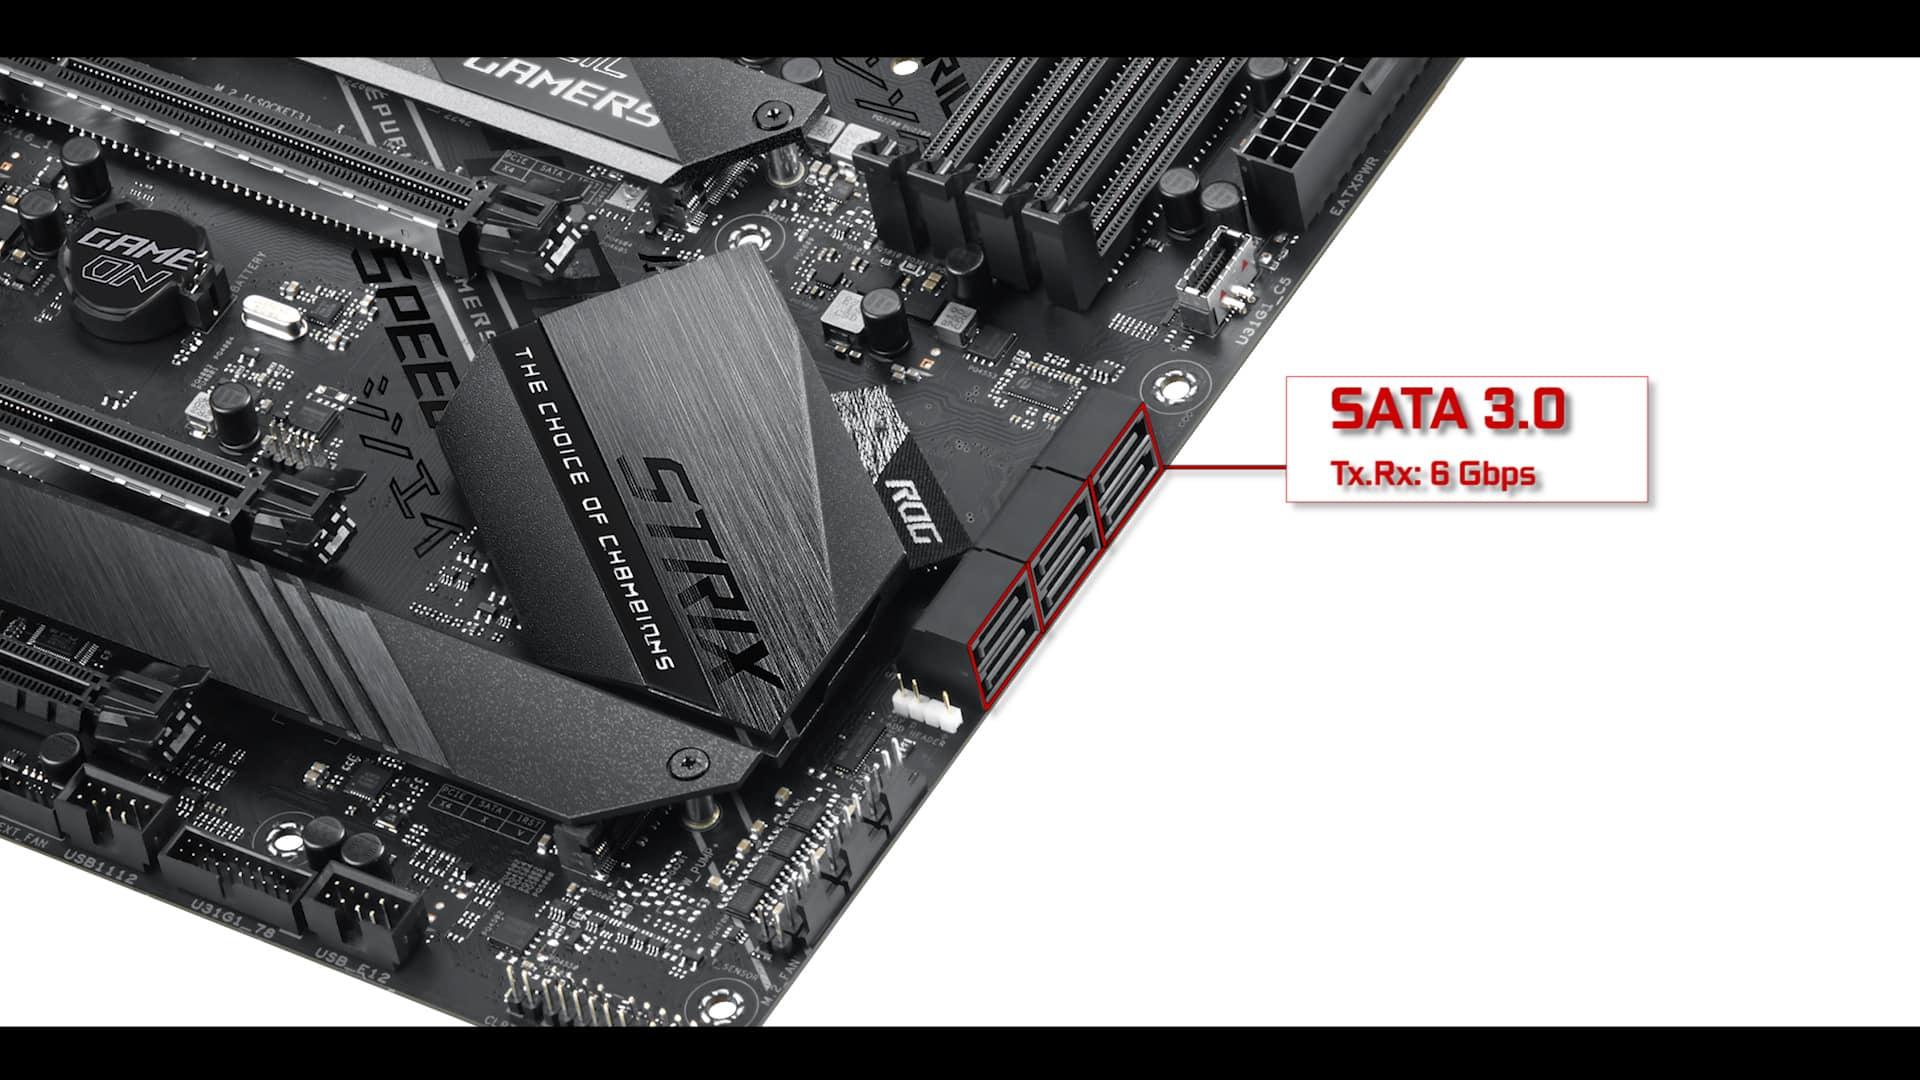 ROG STRIX Z390-E SATA